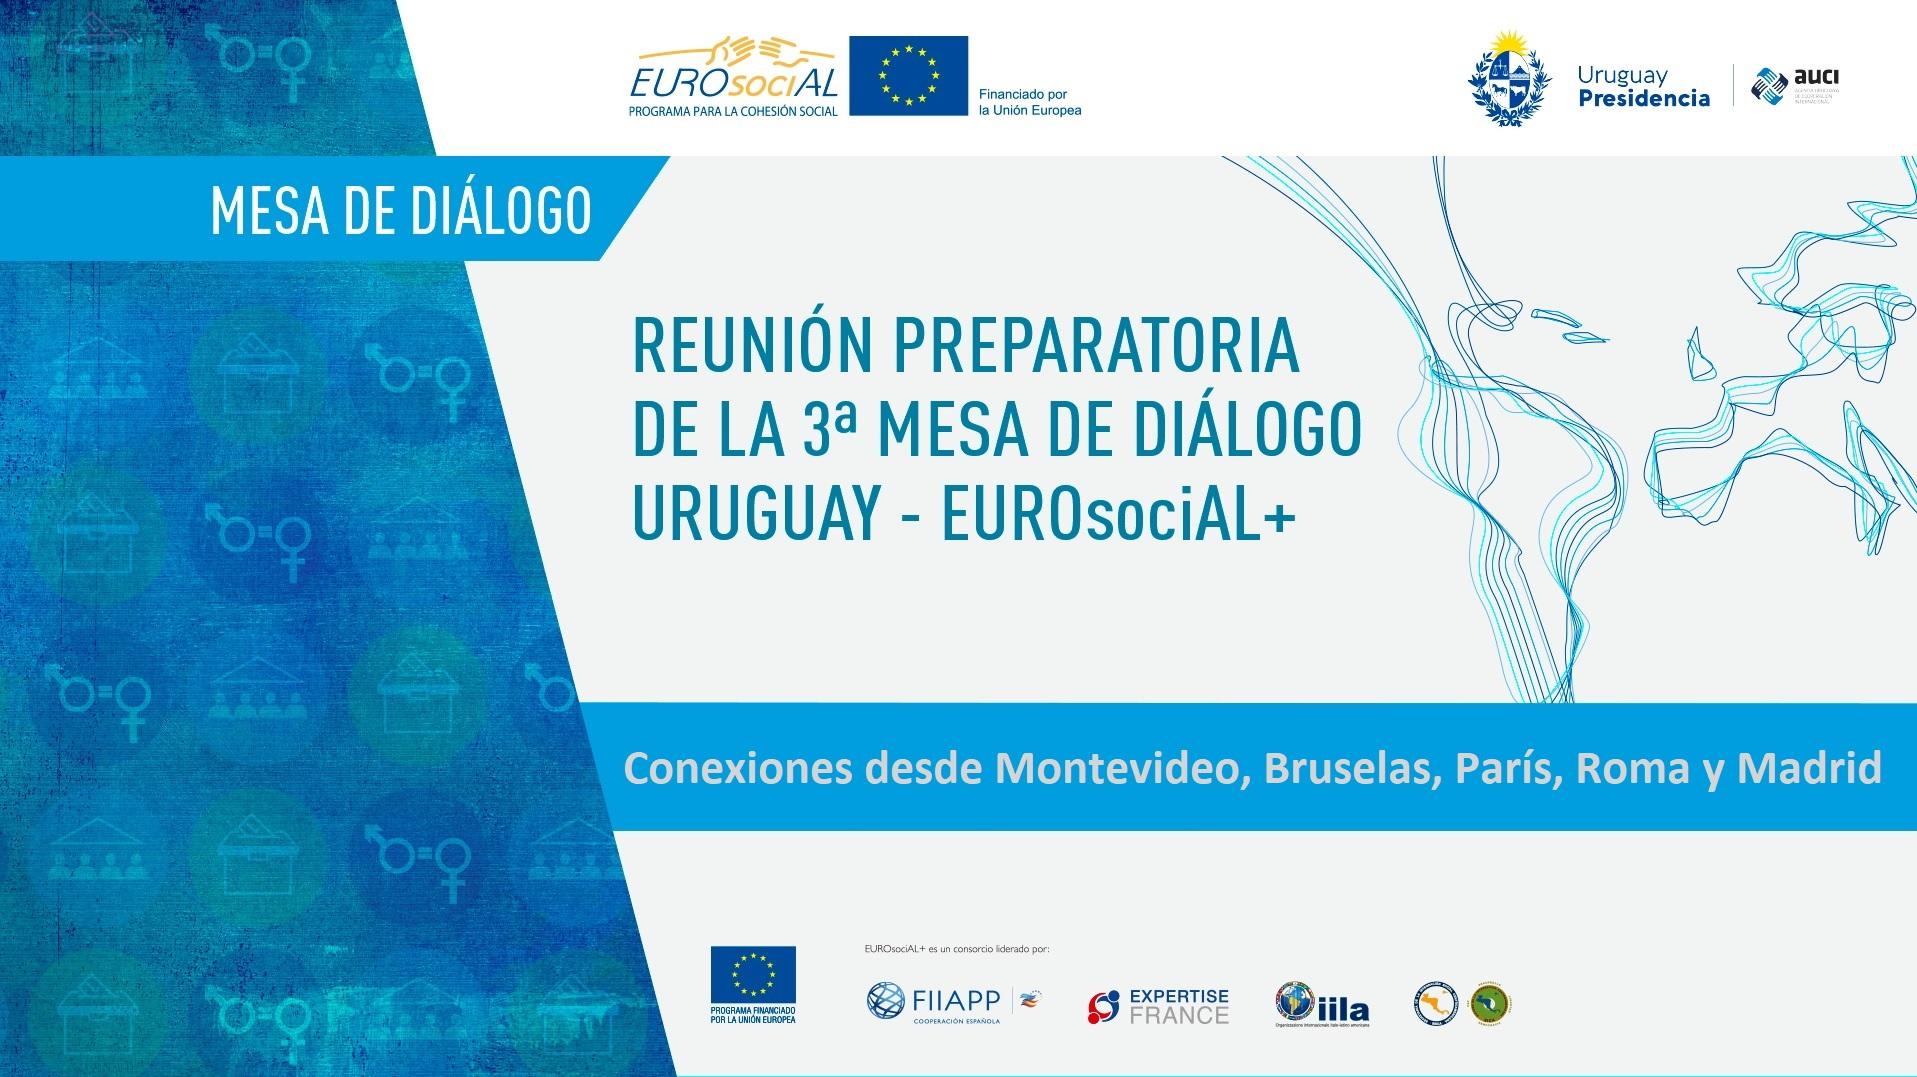 Uruguay y la Unión Europea renuevan su compromiso de apoyo a políticas públicas que mejoren los niveles de cohesión social y reduzcan las brechas de desigualdad